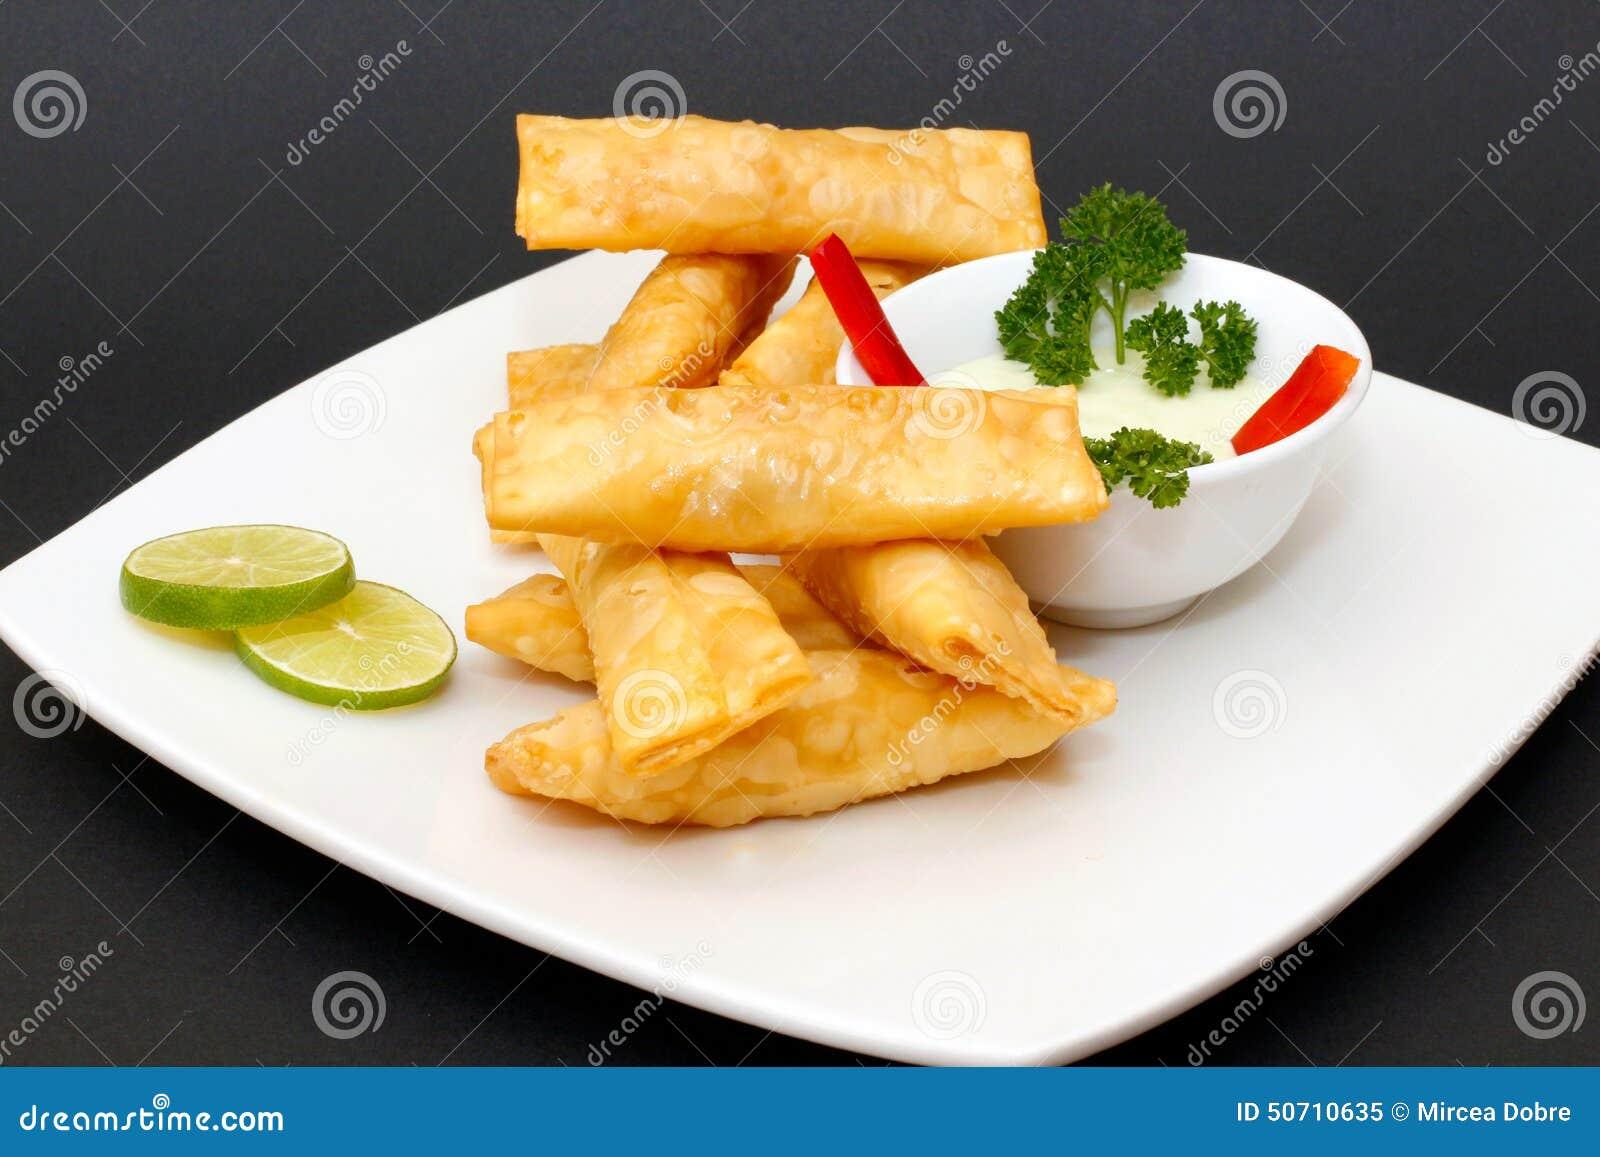 称Tequenos的拉丁美洲的开胃菜由油煎的馄饨制成充满乳酪和供食与鳄梨调味酱捣碎的鳄梨酱